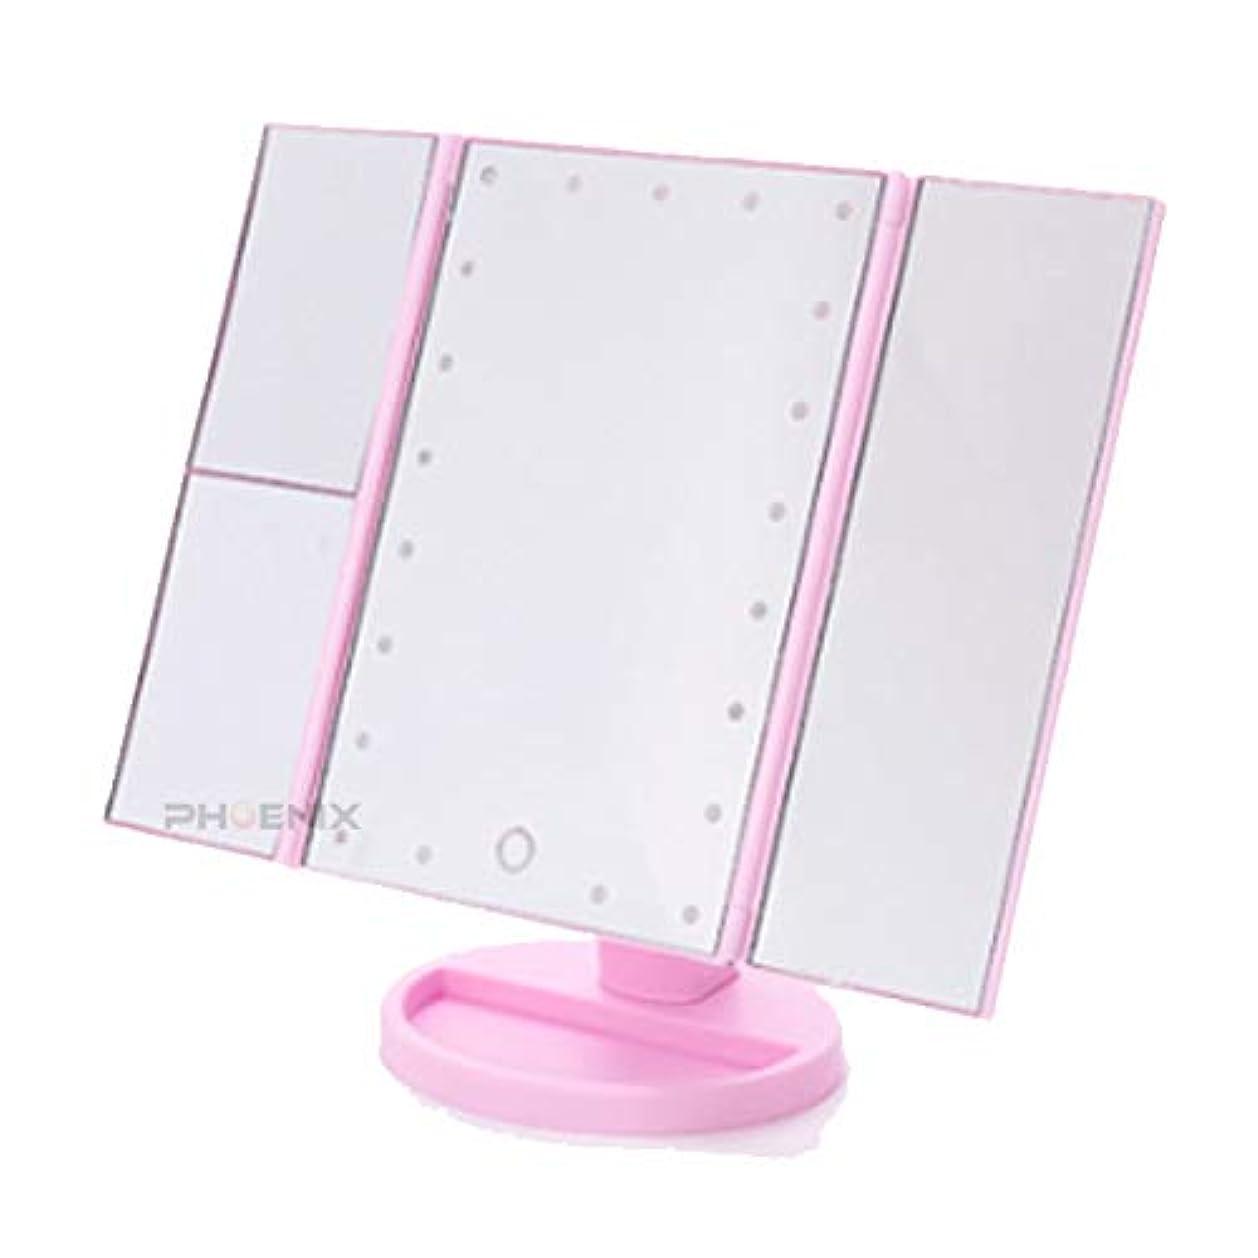 親指三角形ストレッチ三面鏡 卓上ミラー LED ライト付き 拡大鏡 メイク 女優ミラー メイクミラー 折りたたみ おしゃれ スタンドタイプ 明るさ調節 角度調節 3カラー 三面鏡,ピンク